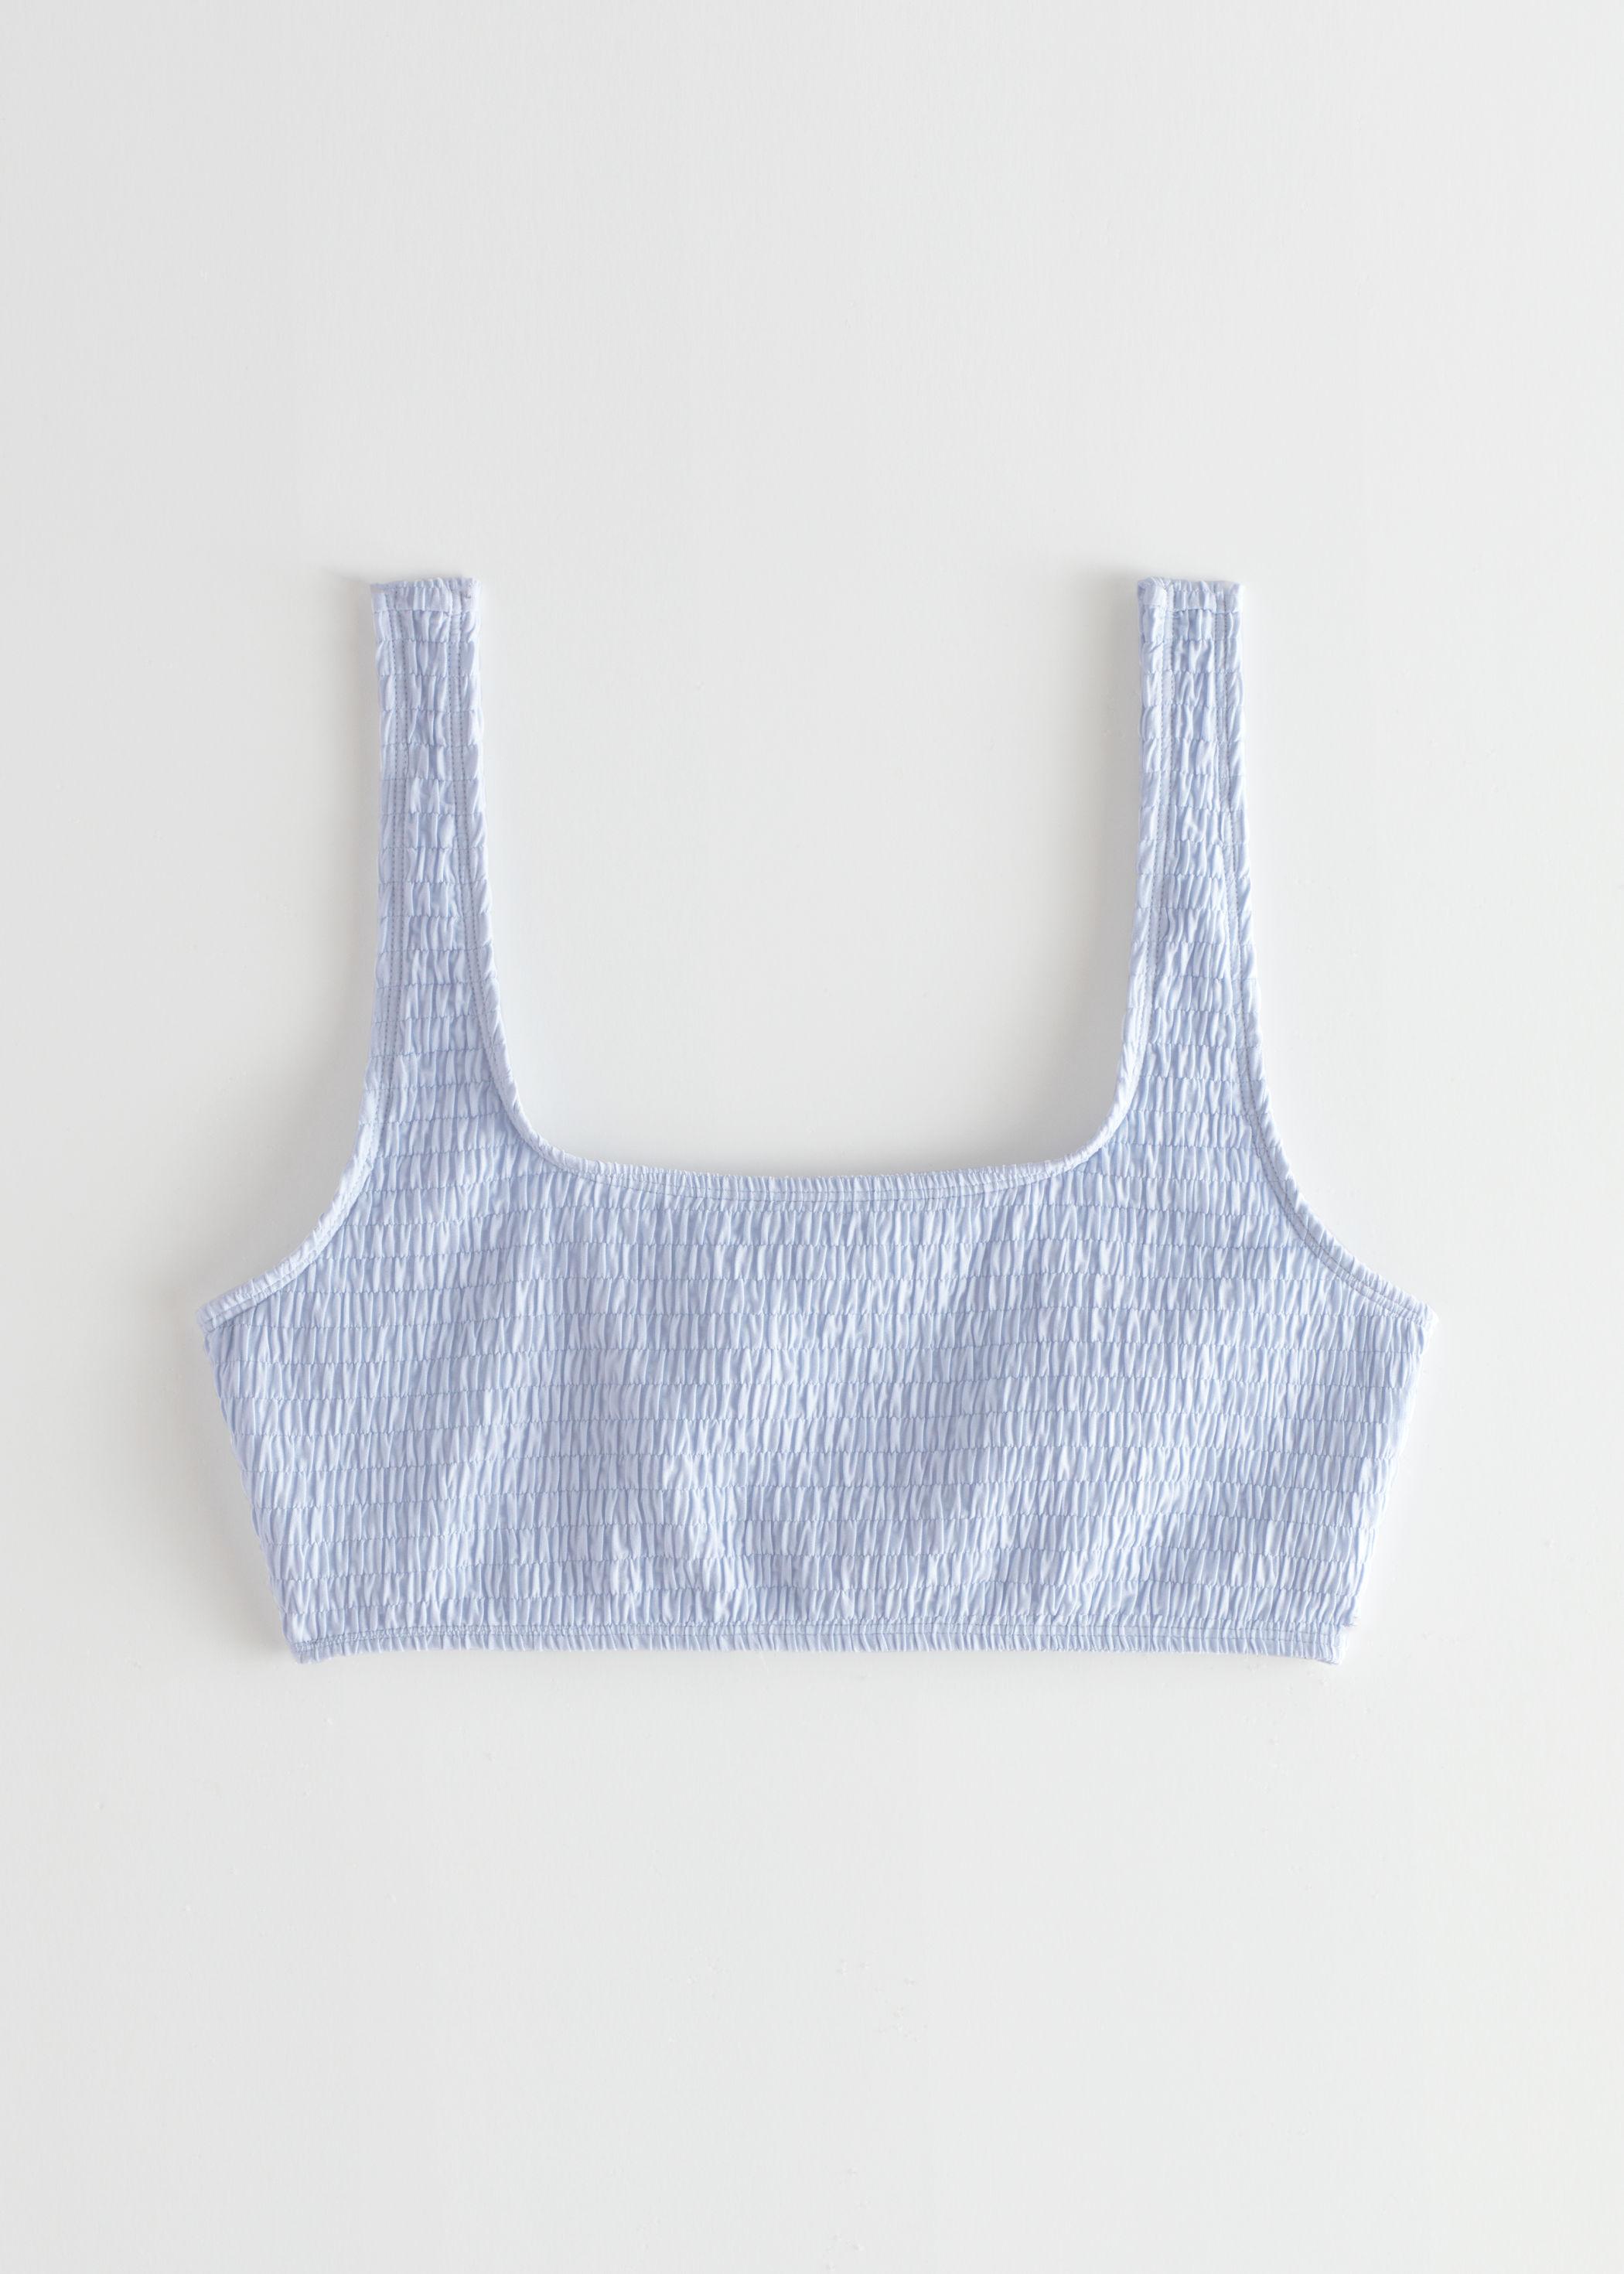 앤 아더 스토리즈 비키니 상의 & OTHER STORIES Ruched Square Neck Bikini Top,Light Blue